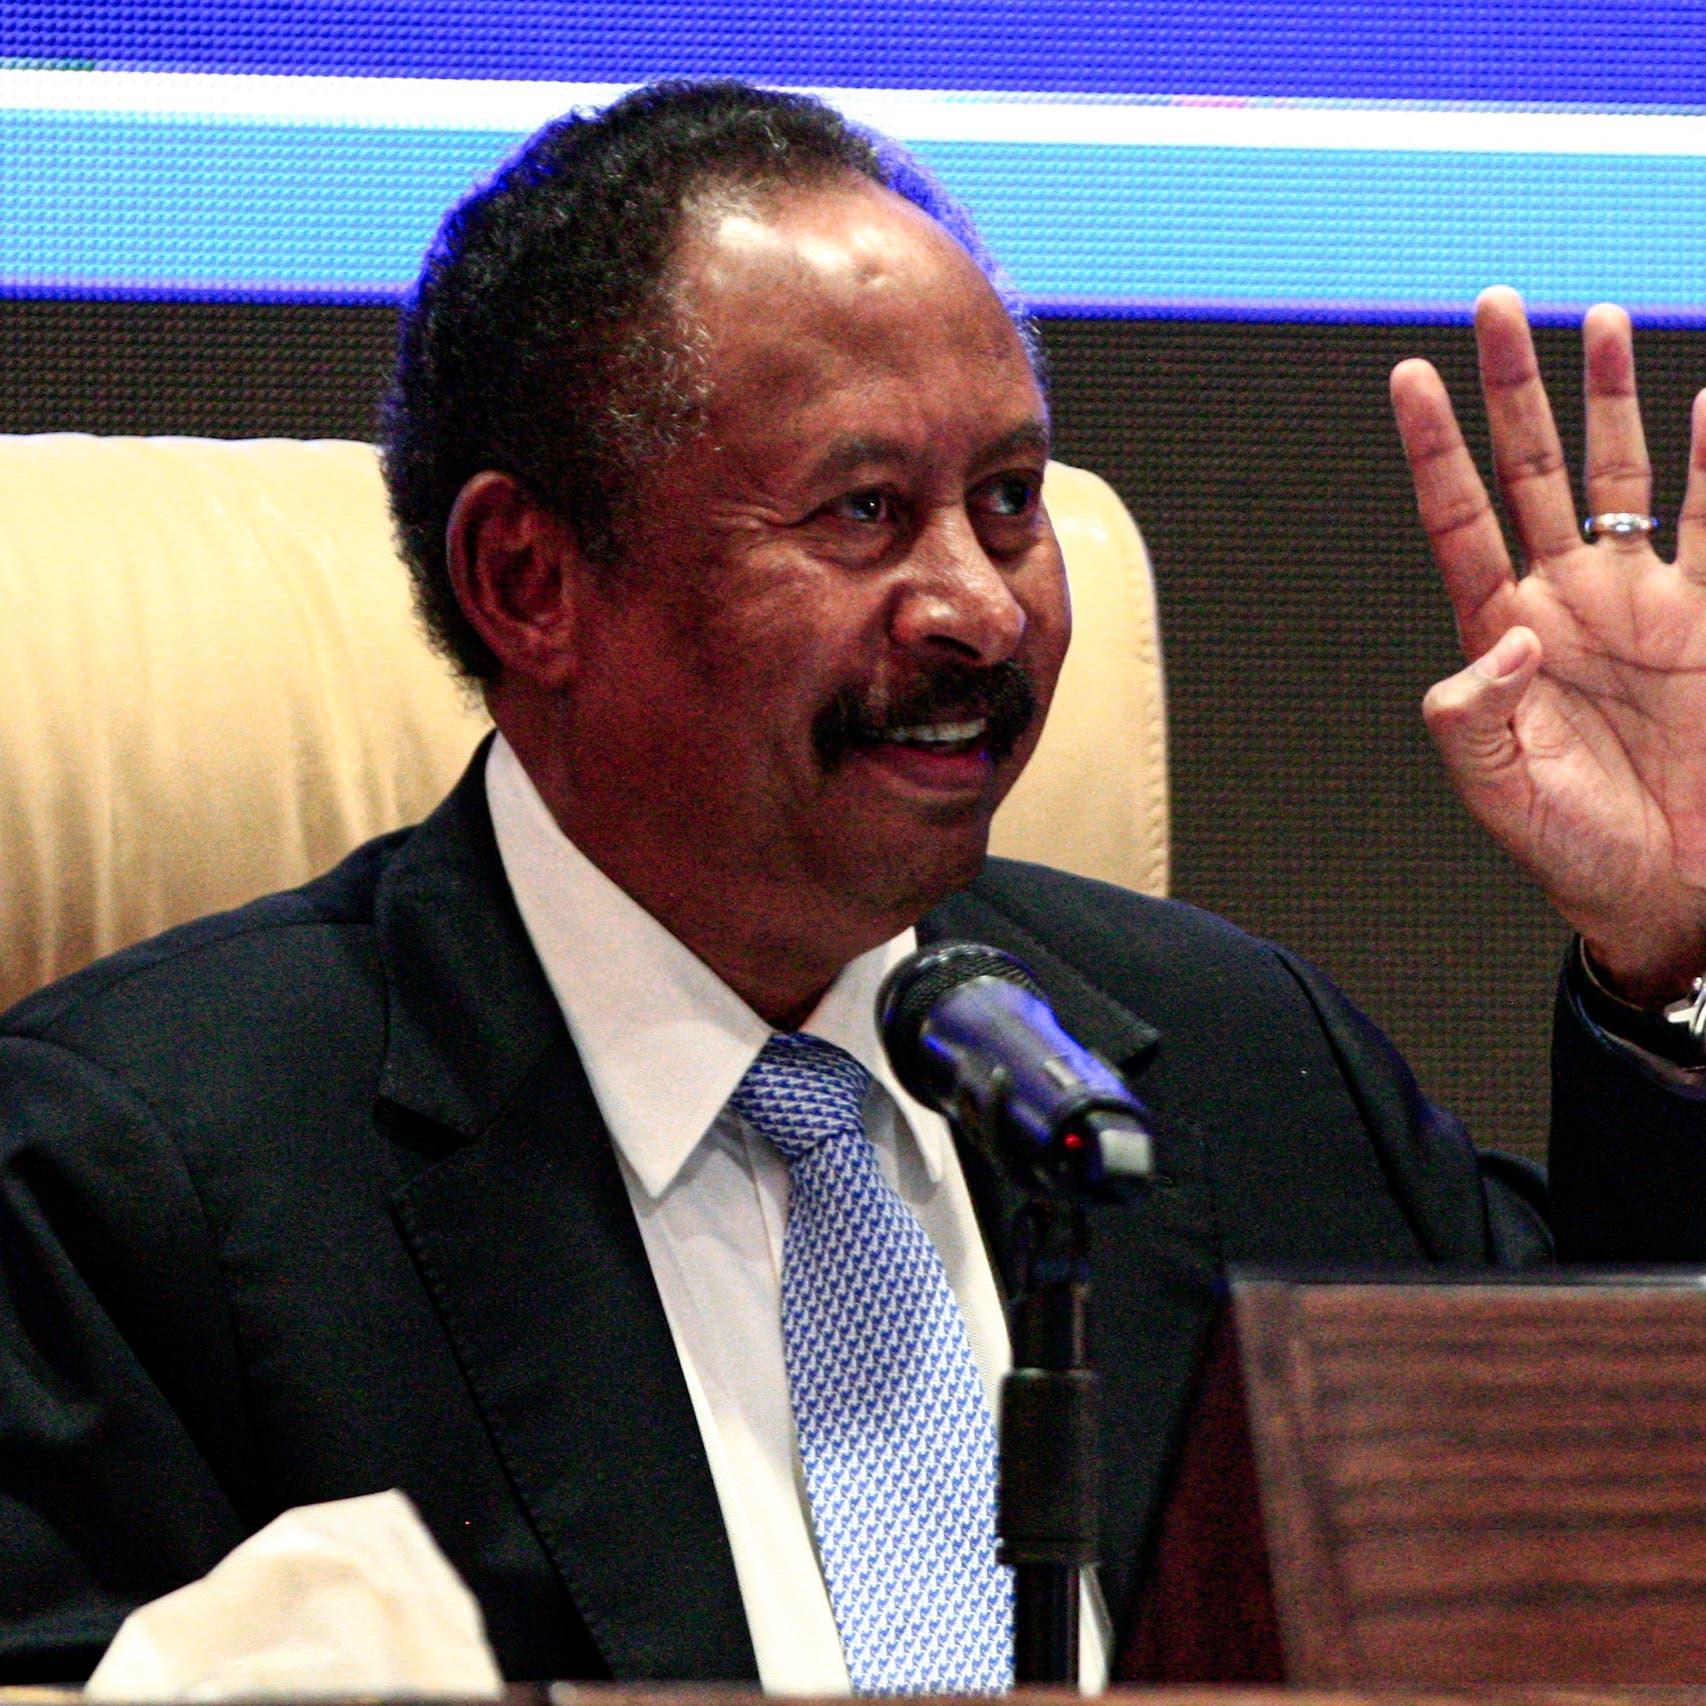 حكومة السودان الوليدة.. إلى السلام والاقتصاد دُرْ